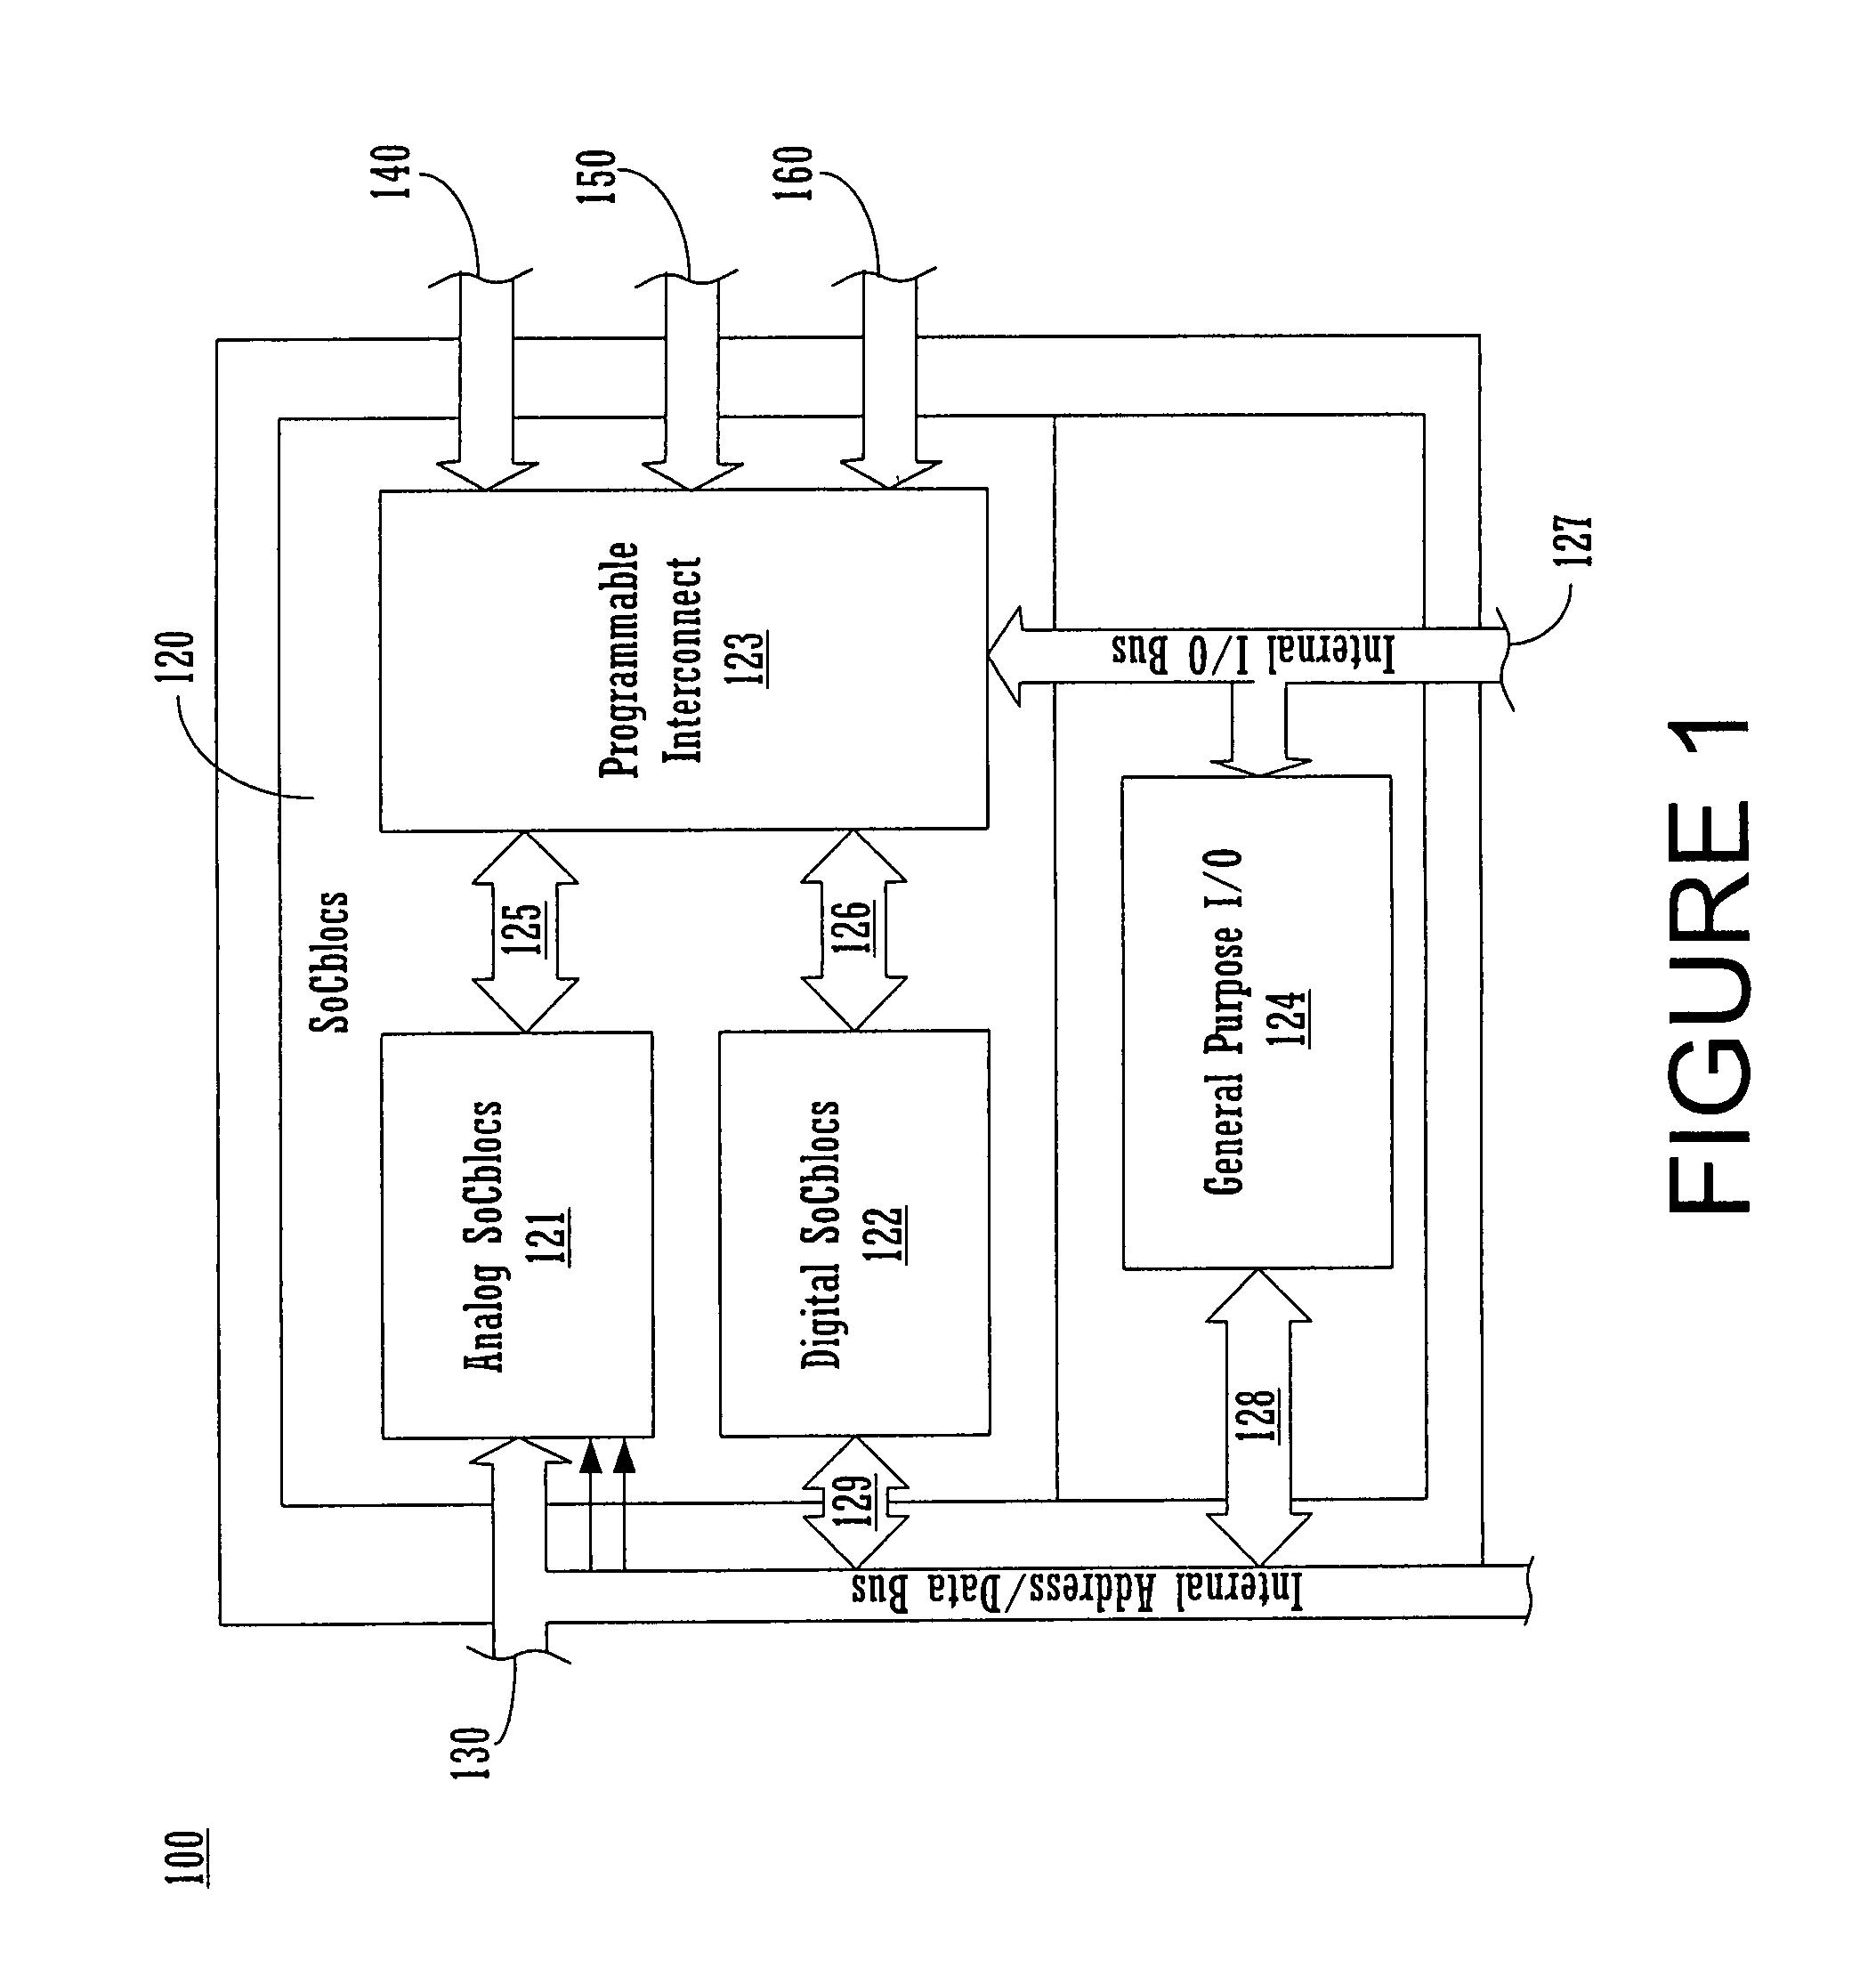 Patent Us 7825688 B1 Digital Clock Integrated Circuit Diagram Amplifiercircuits Images